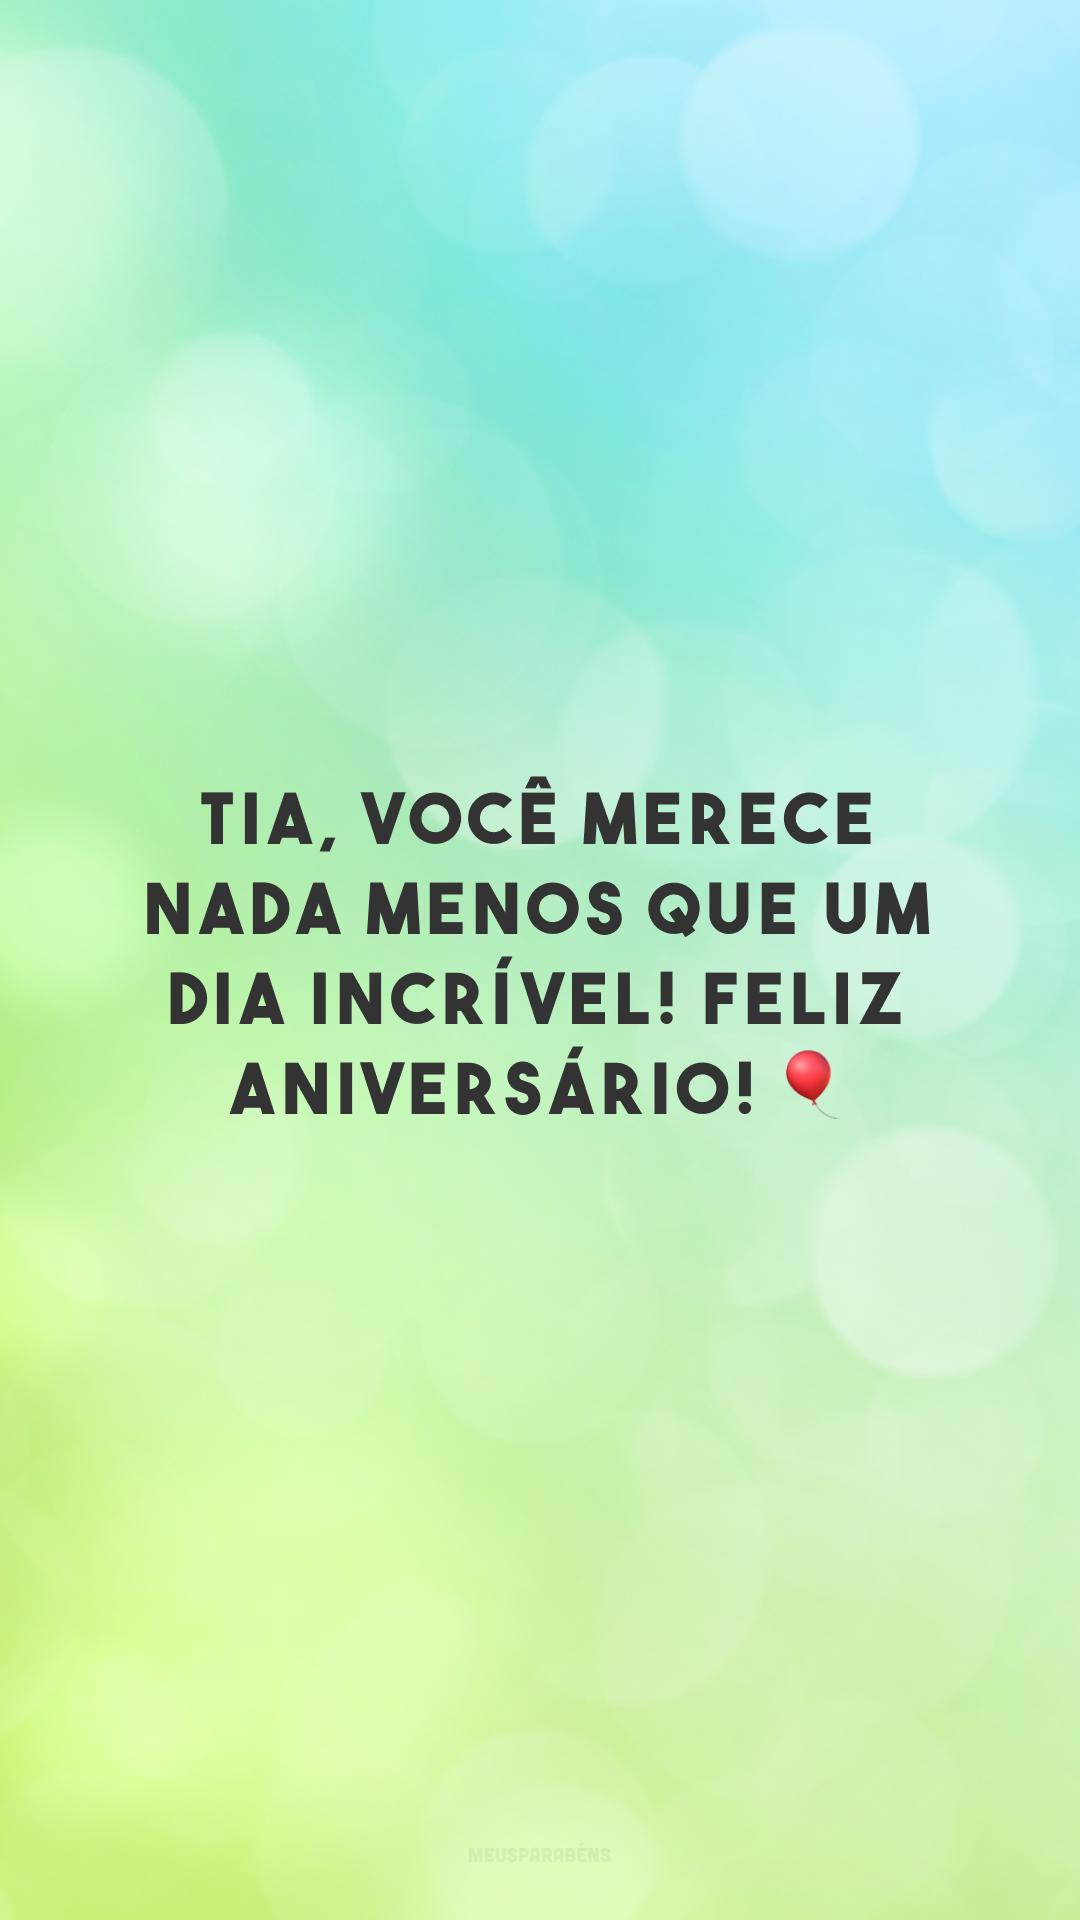 Tia, você merece nada menos que um dia incrível! Feliz aniversário! 🎈